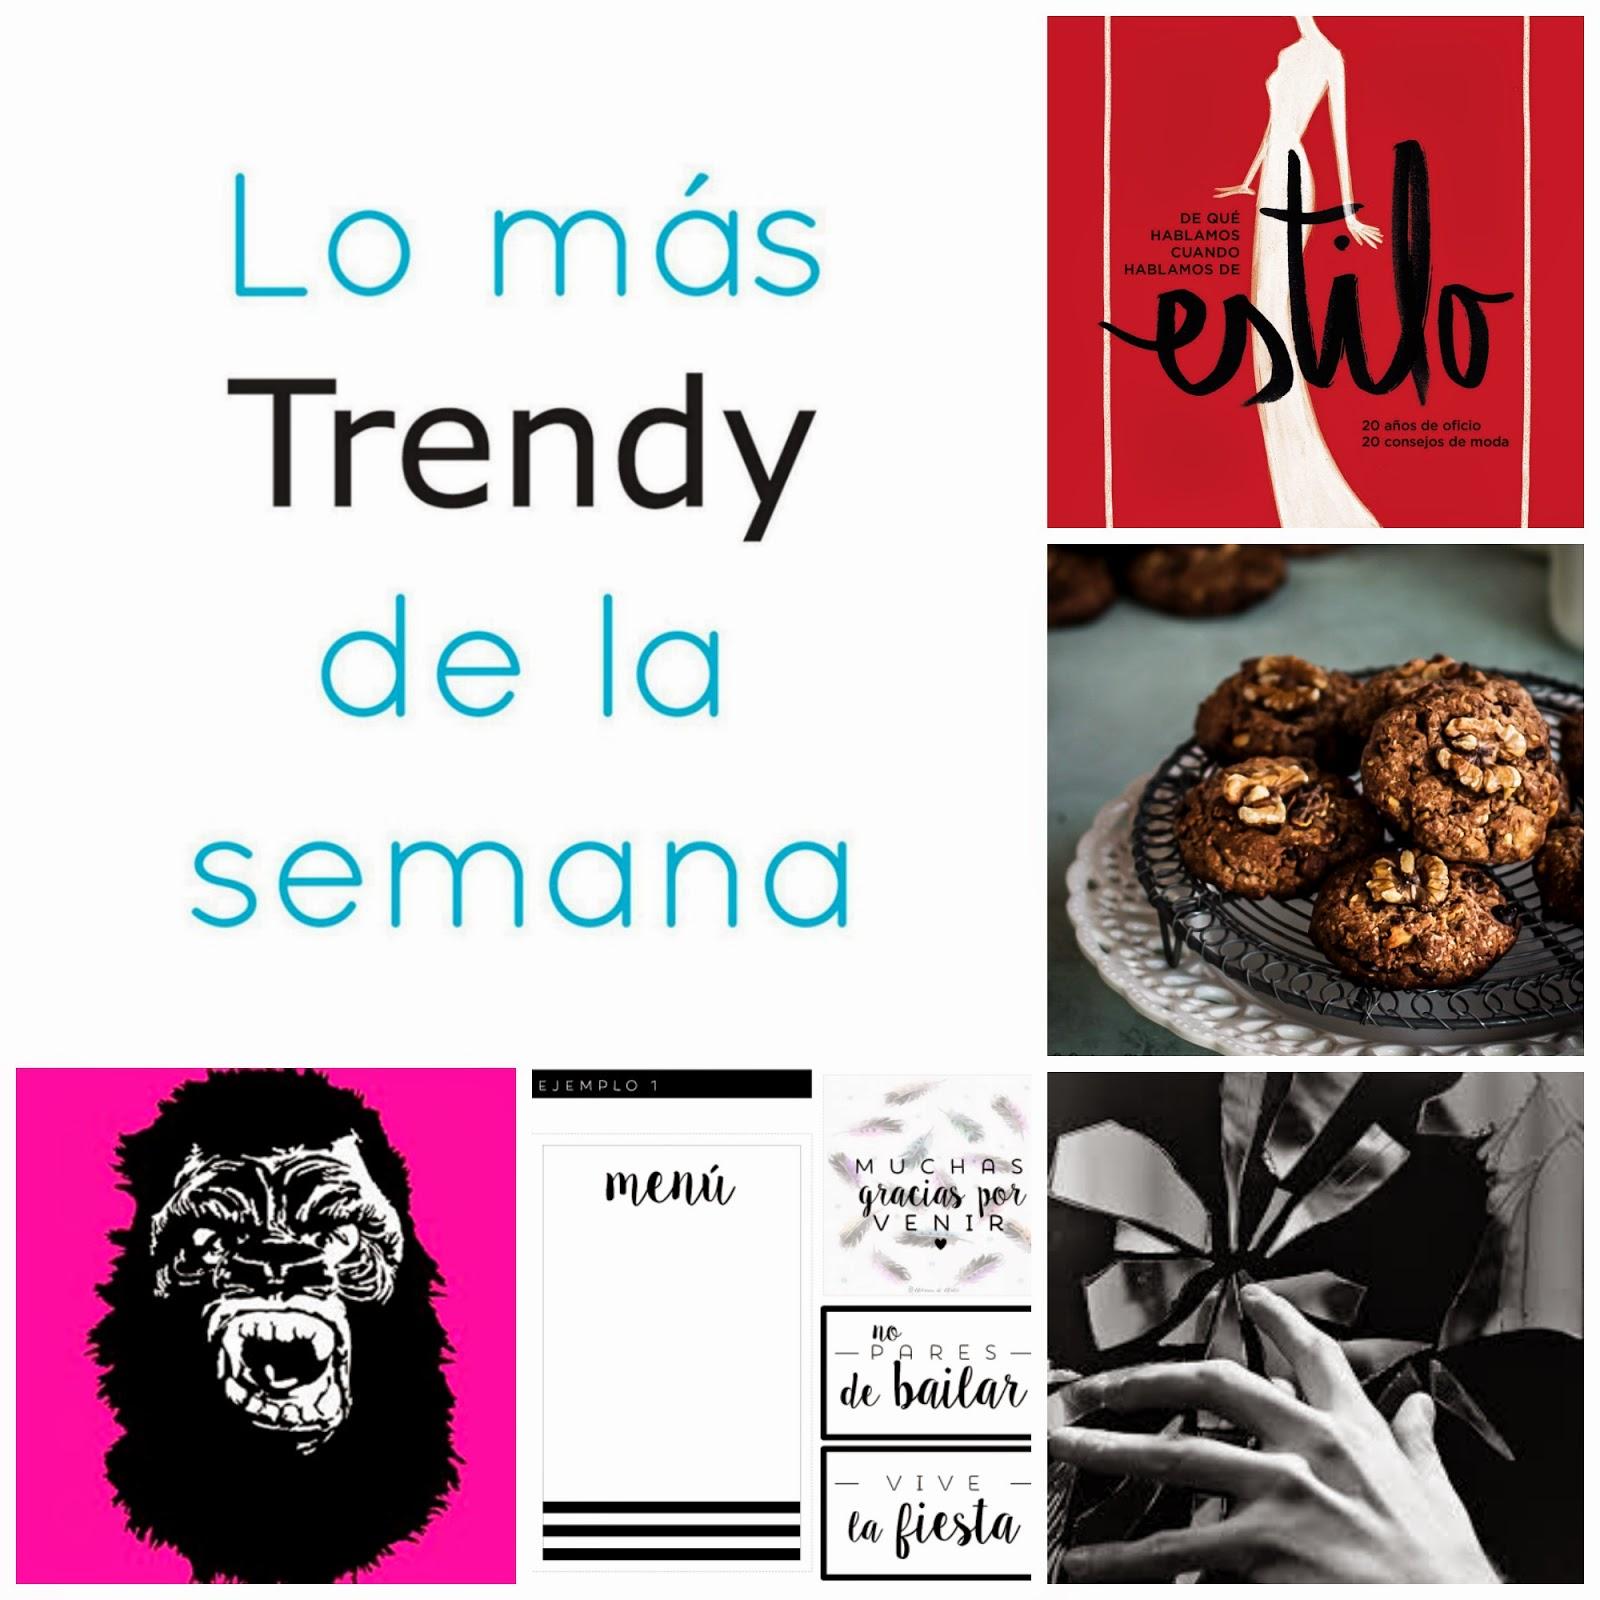 Lo mas trendy de la semana planes recomendaciones fin de semana Madrid estilo lifestyle